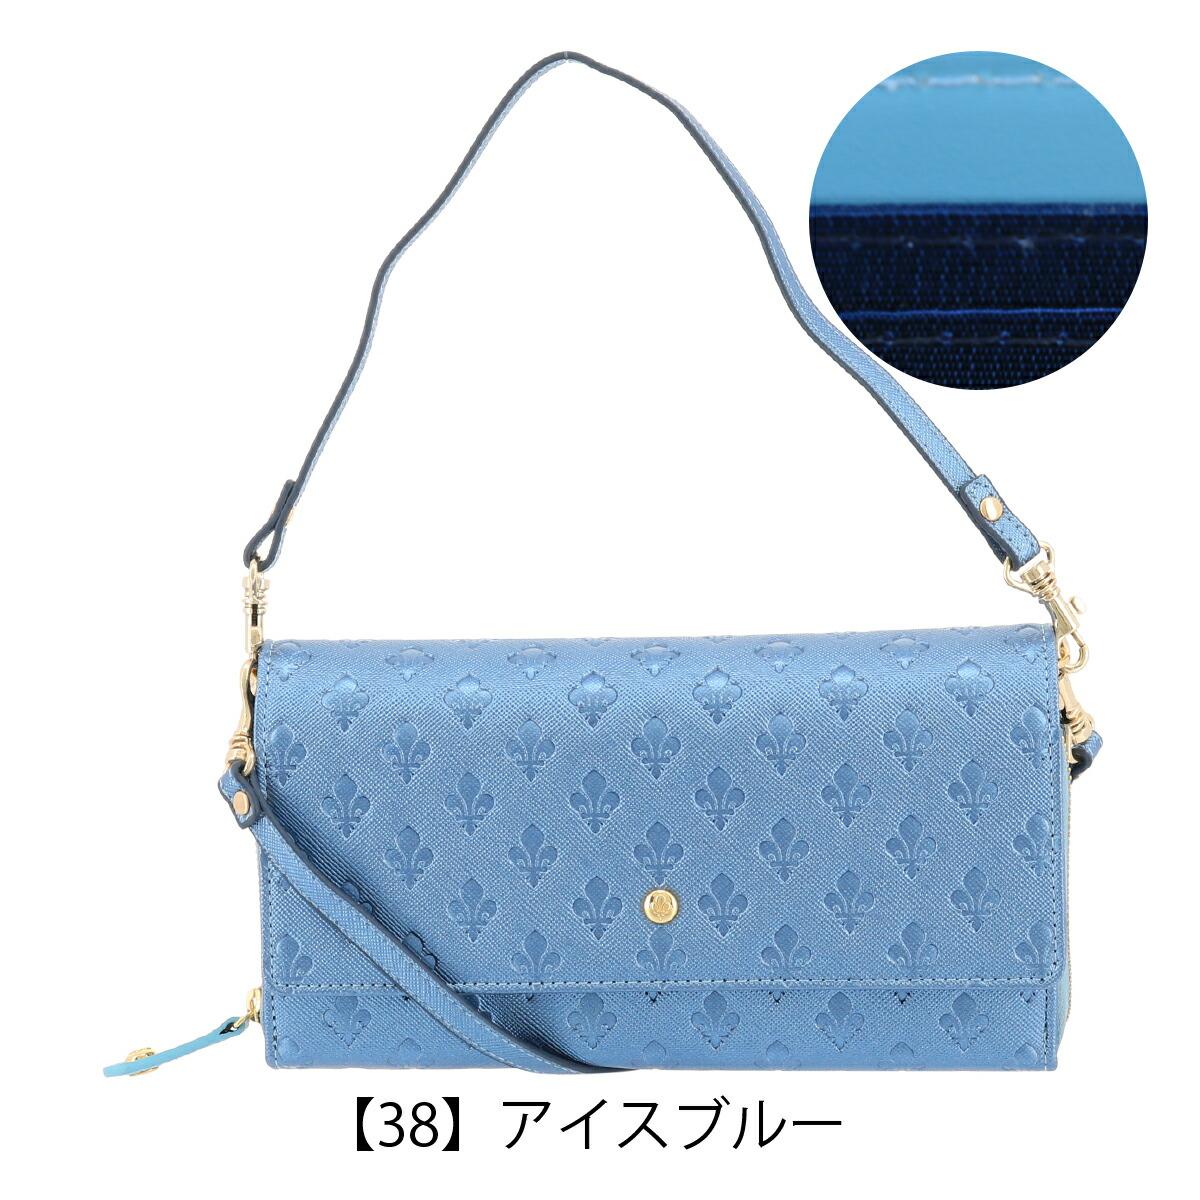 【38】アイスブルー